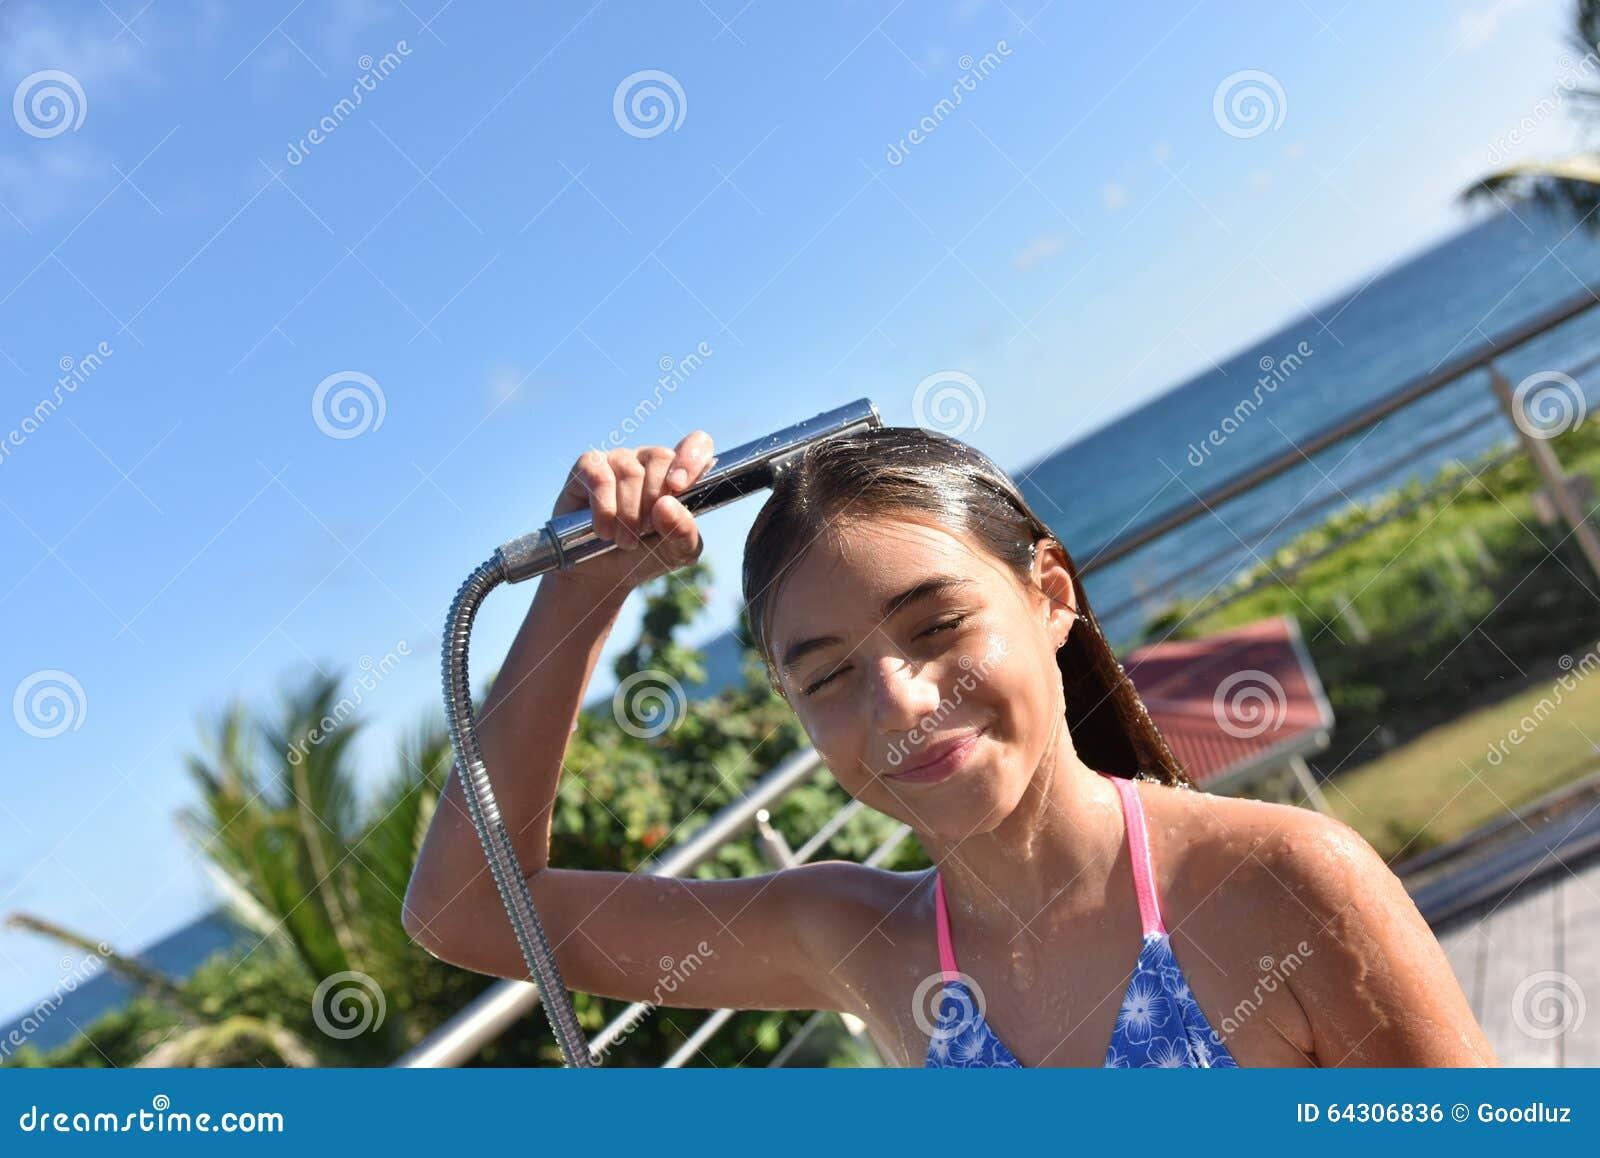 Kleines Mädchen, Das Draußen Duscht Stockfoto - Bild von